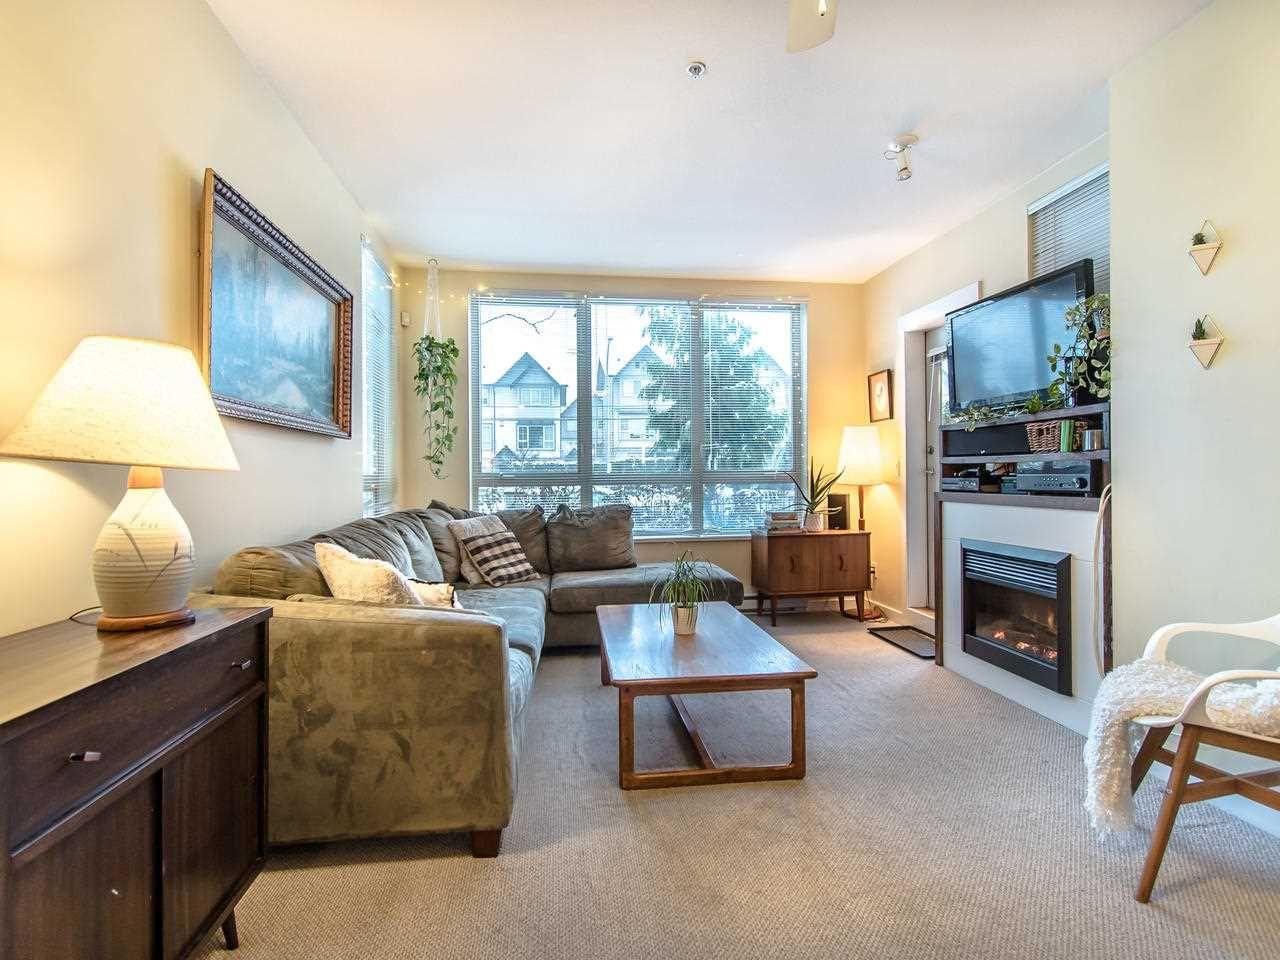 """Main Photo: 119 15988 26 Avenue in Surrey: Grandview Surrey Condo for sale in """"THE MORGAN"""" (South Surrey White Rock)  : MLS®# R2434216"""